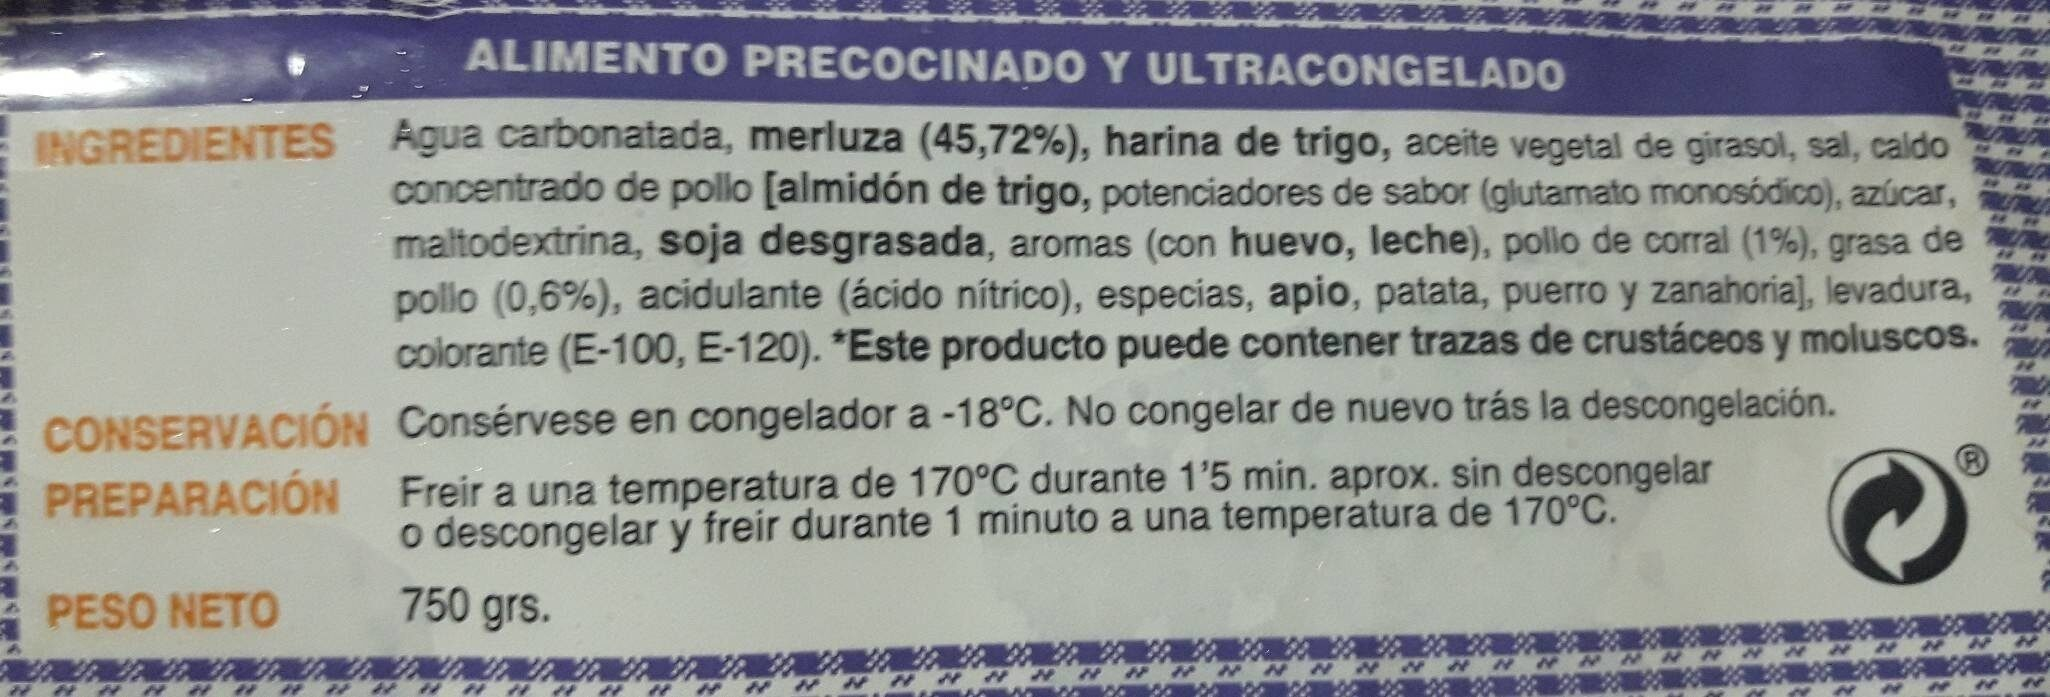 Pavias de merluza - Informations nutritionnelles - es